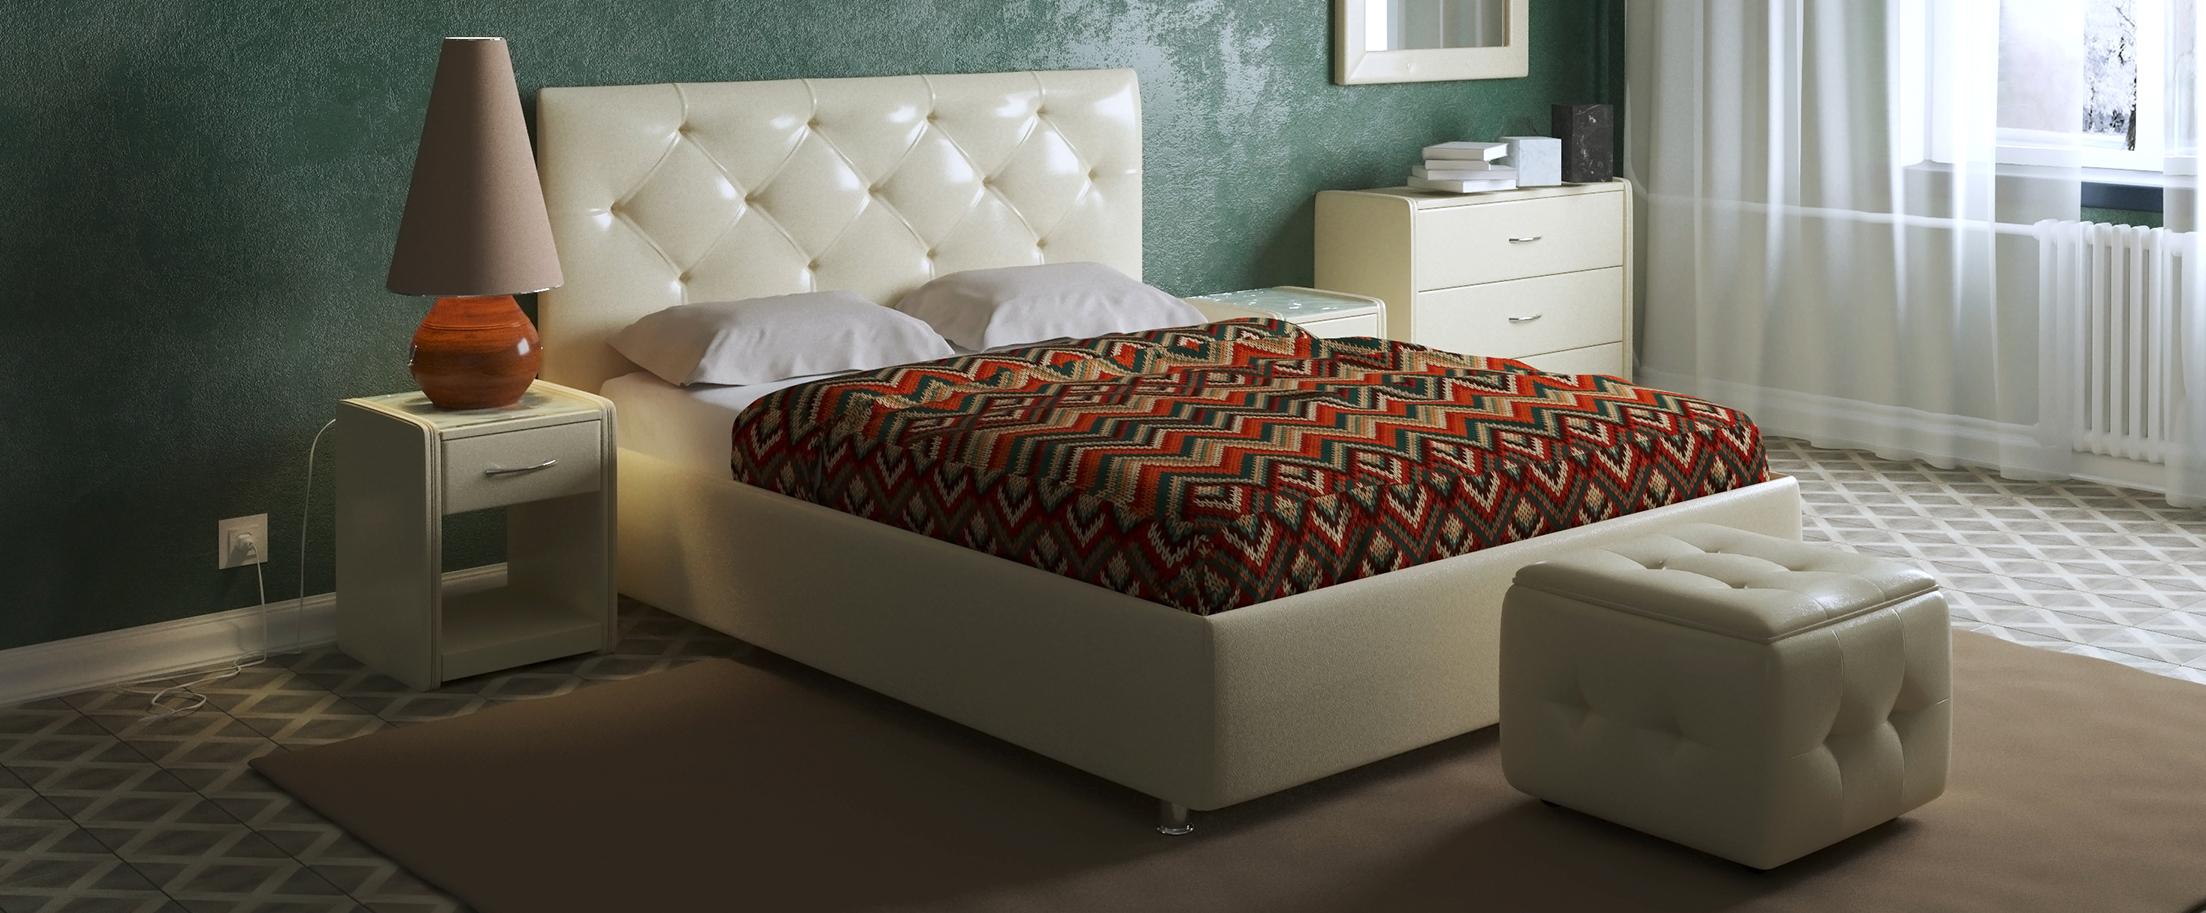 Кровать двуспальная Монблан Модель 383«Монблан» станет центром внимания в спальне. Утяжки средней глубины кропотливо собраны вручную и подчеркнуты пуговицами.<br><br>Ширина см: 155<br>Глубина см: 212<br>Высота см: 110<br>Ширина спального места см: 140<br>Глубина спального места см: 200<br>Встроенное основание: Есть<br>Материал каркаса: ДСП<br>Материал обивки: Экокожа<br>Подъемный механизм: Нет<br>Цвет: Бежевый<br>Код ткани: Суфле